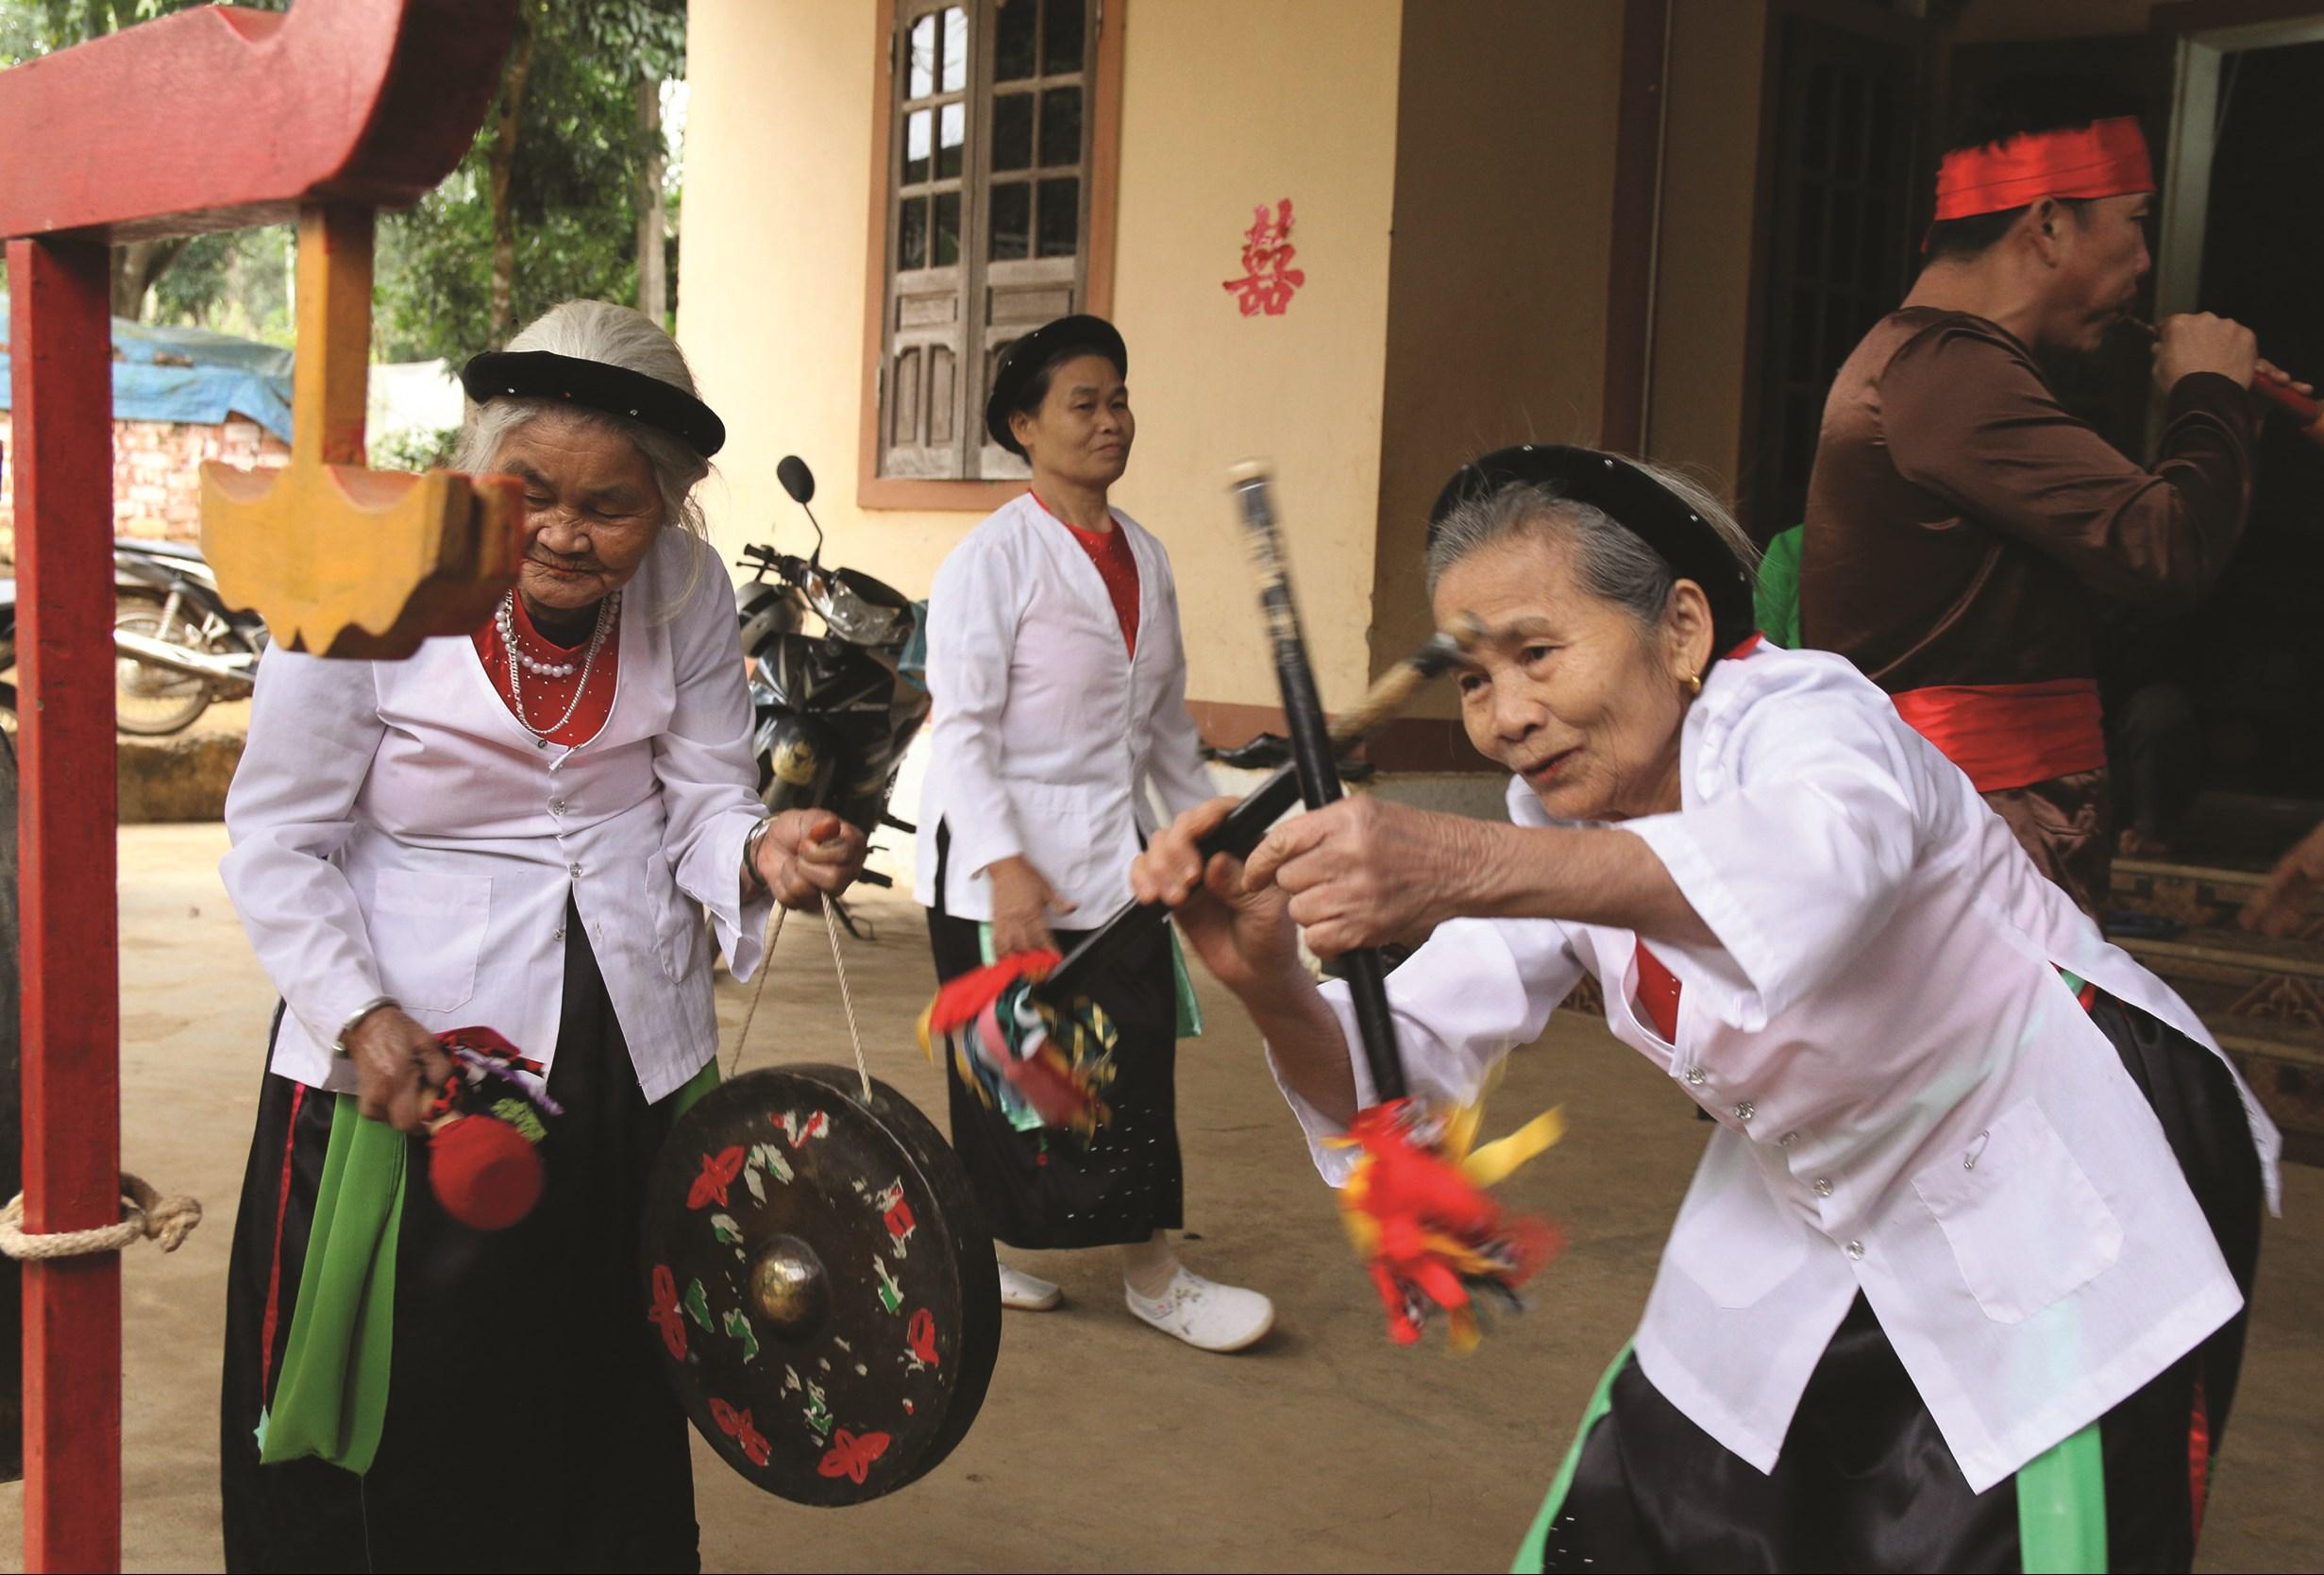 Các thành viên trong CLB Cồng chiêng làng U, xã Nghĩa Thắng tập luyện điệu múa cồng chiêng